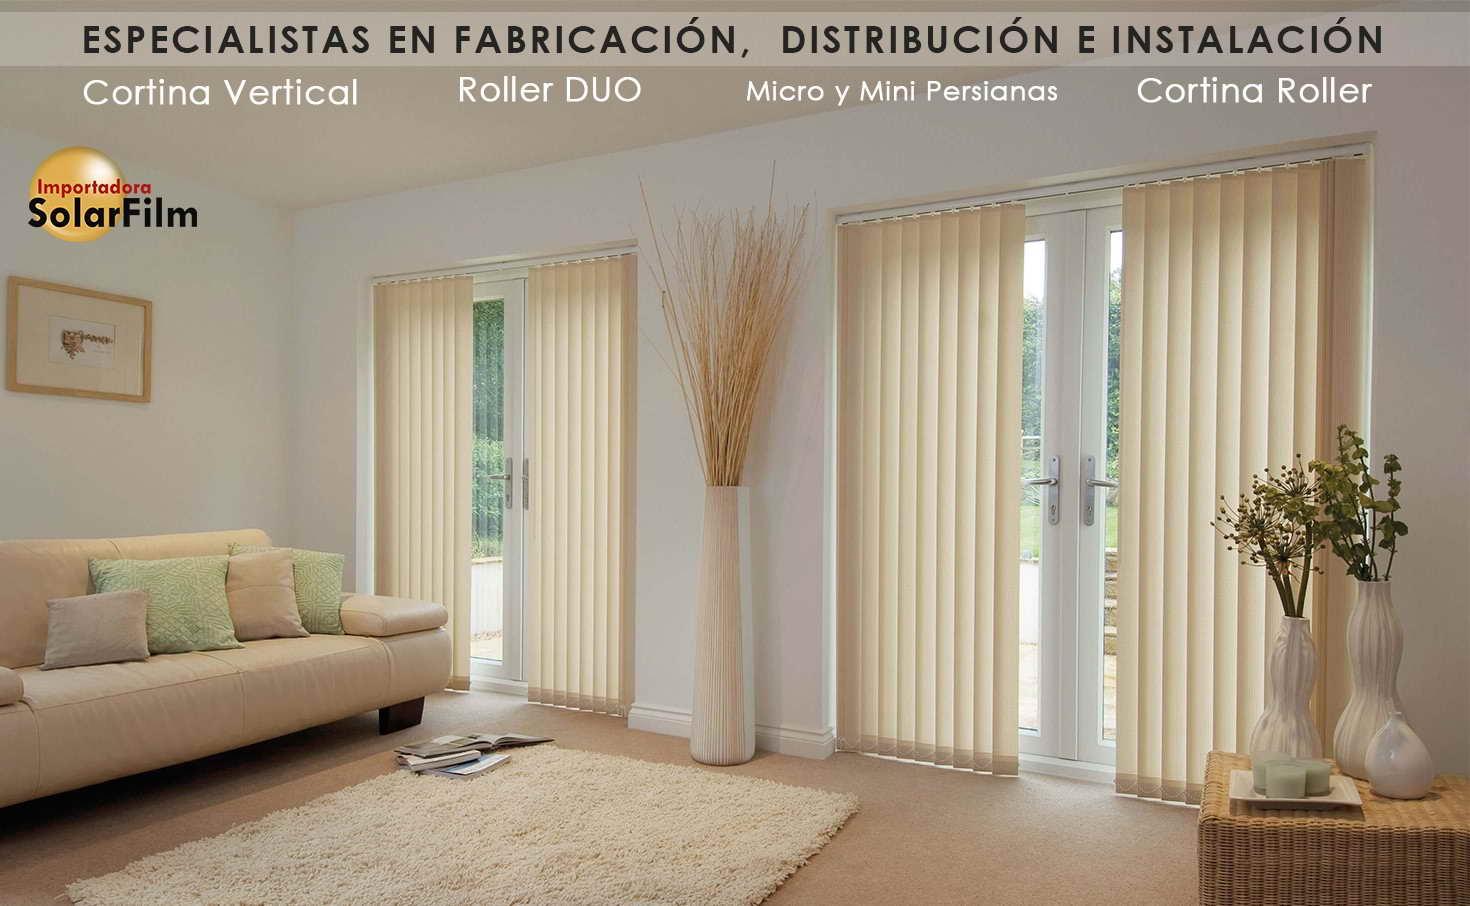 https://solarfilm.cl/33-cortinas-roller-verticales-y-persianas-